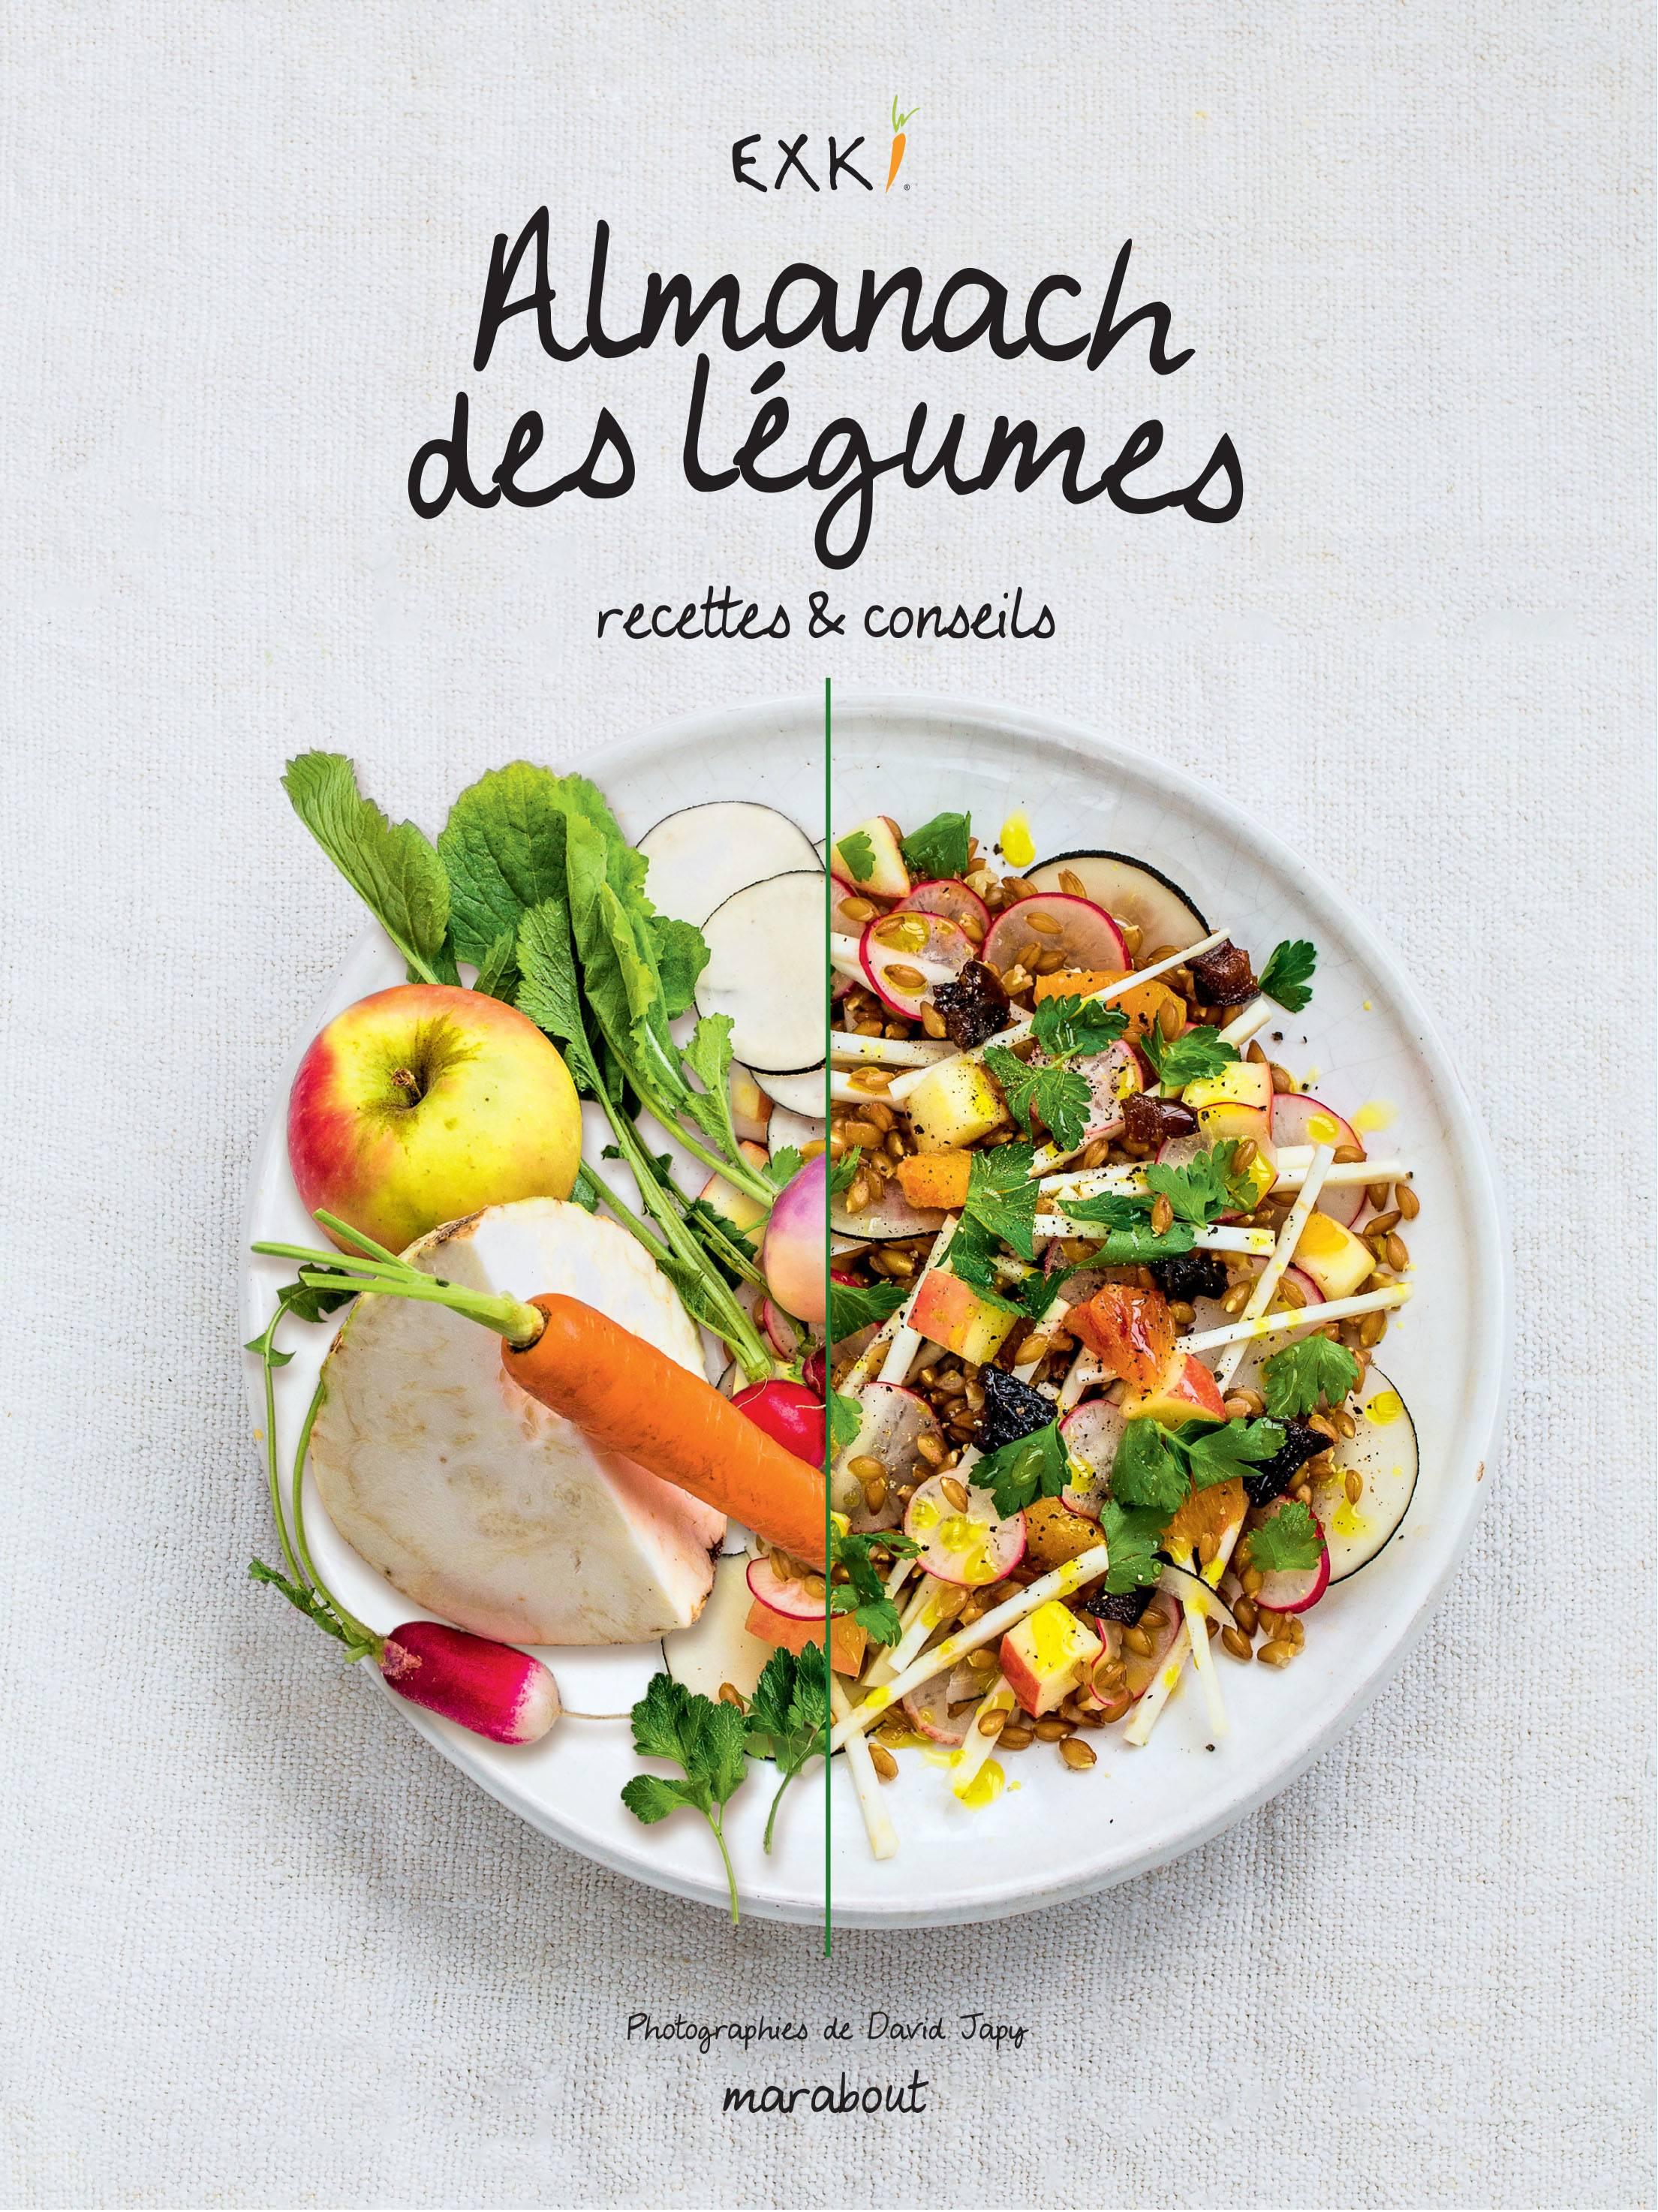 L'almanach des légumes, c'est EXKI !